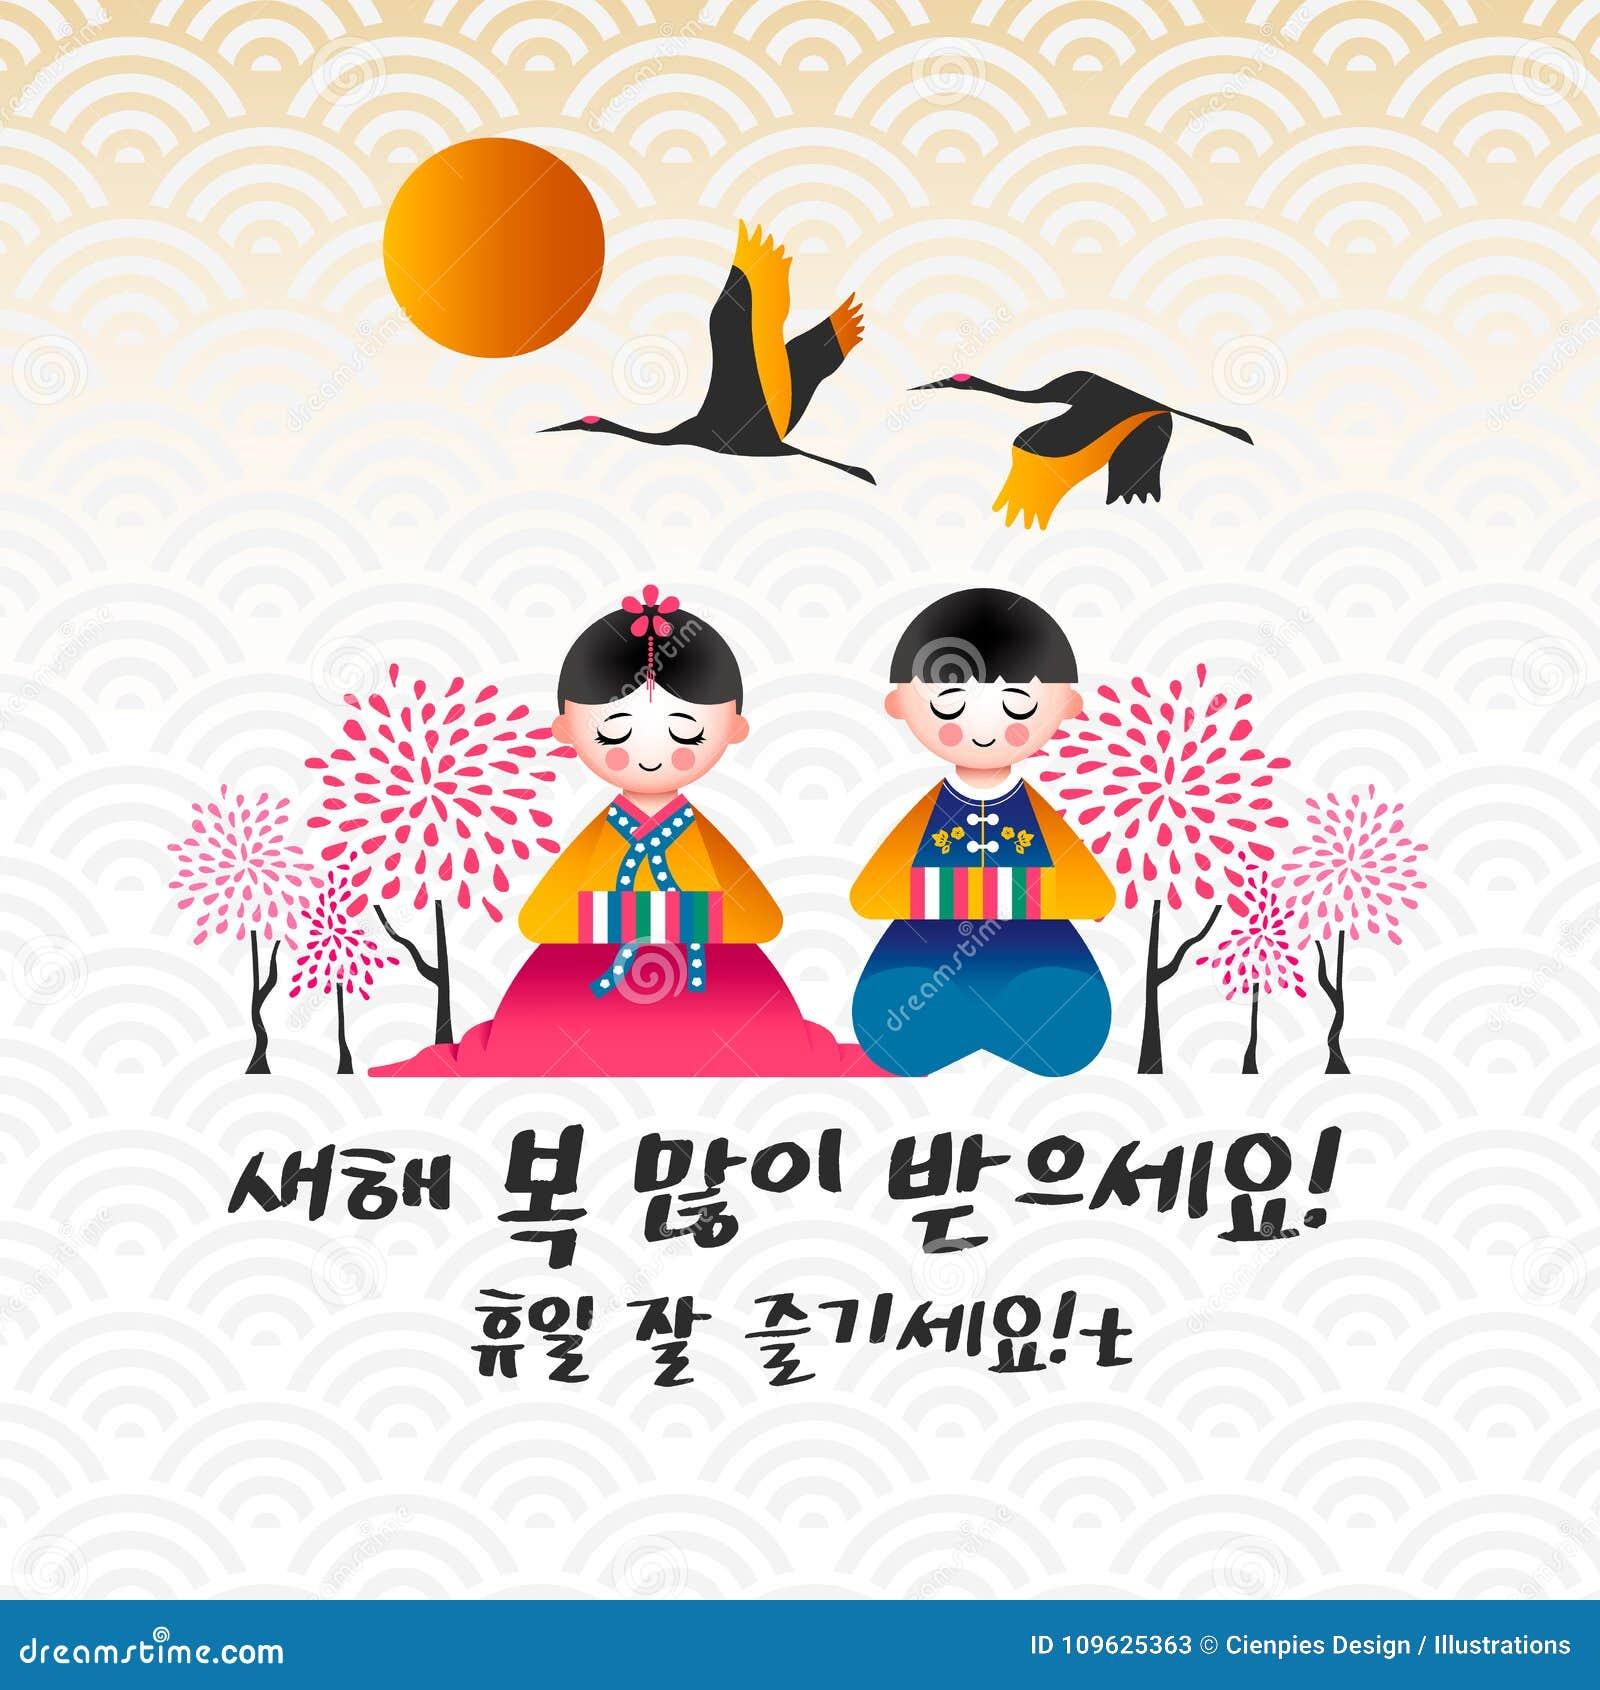 Cute Children Wishing Happy Korean New Year 2018 Stock Vector ...